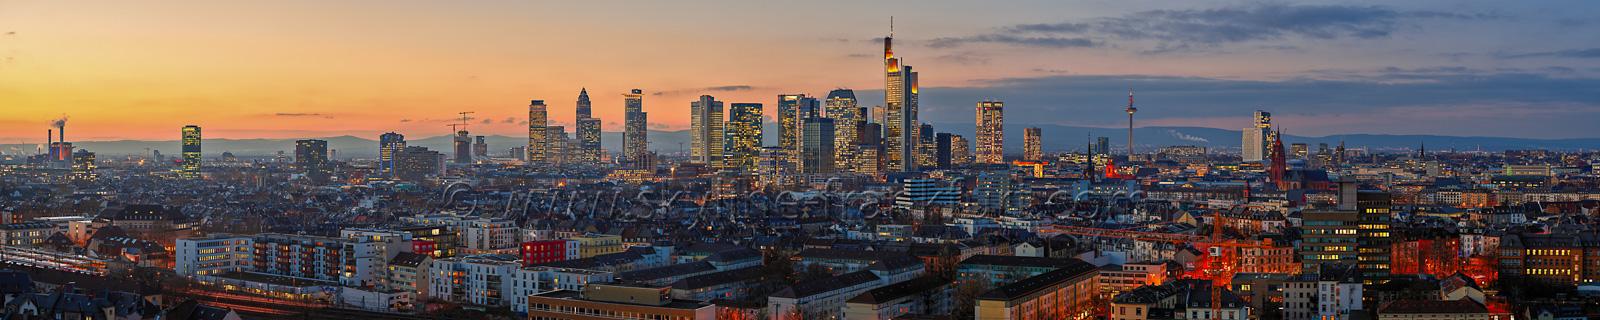 skyline-frankfurt-236